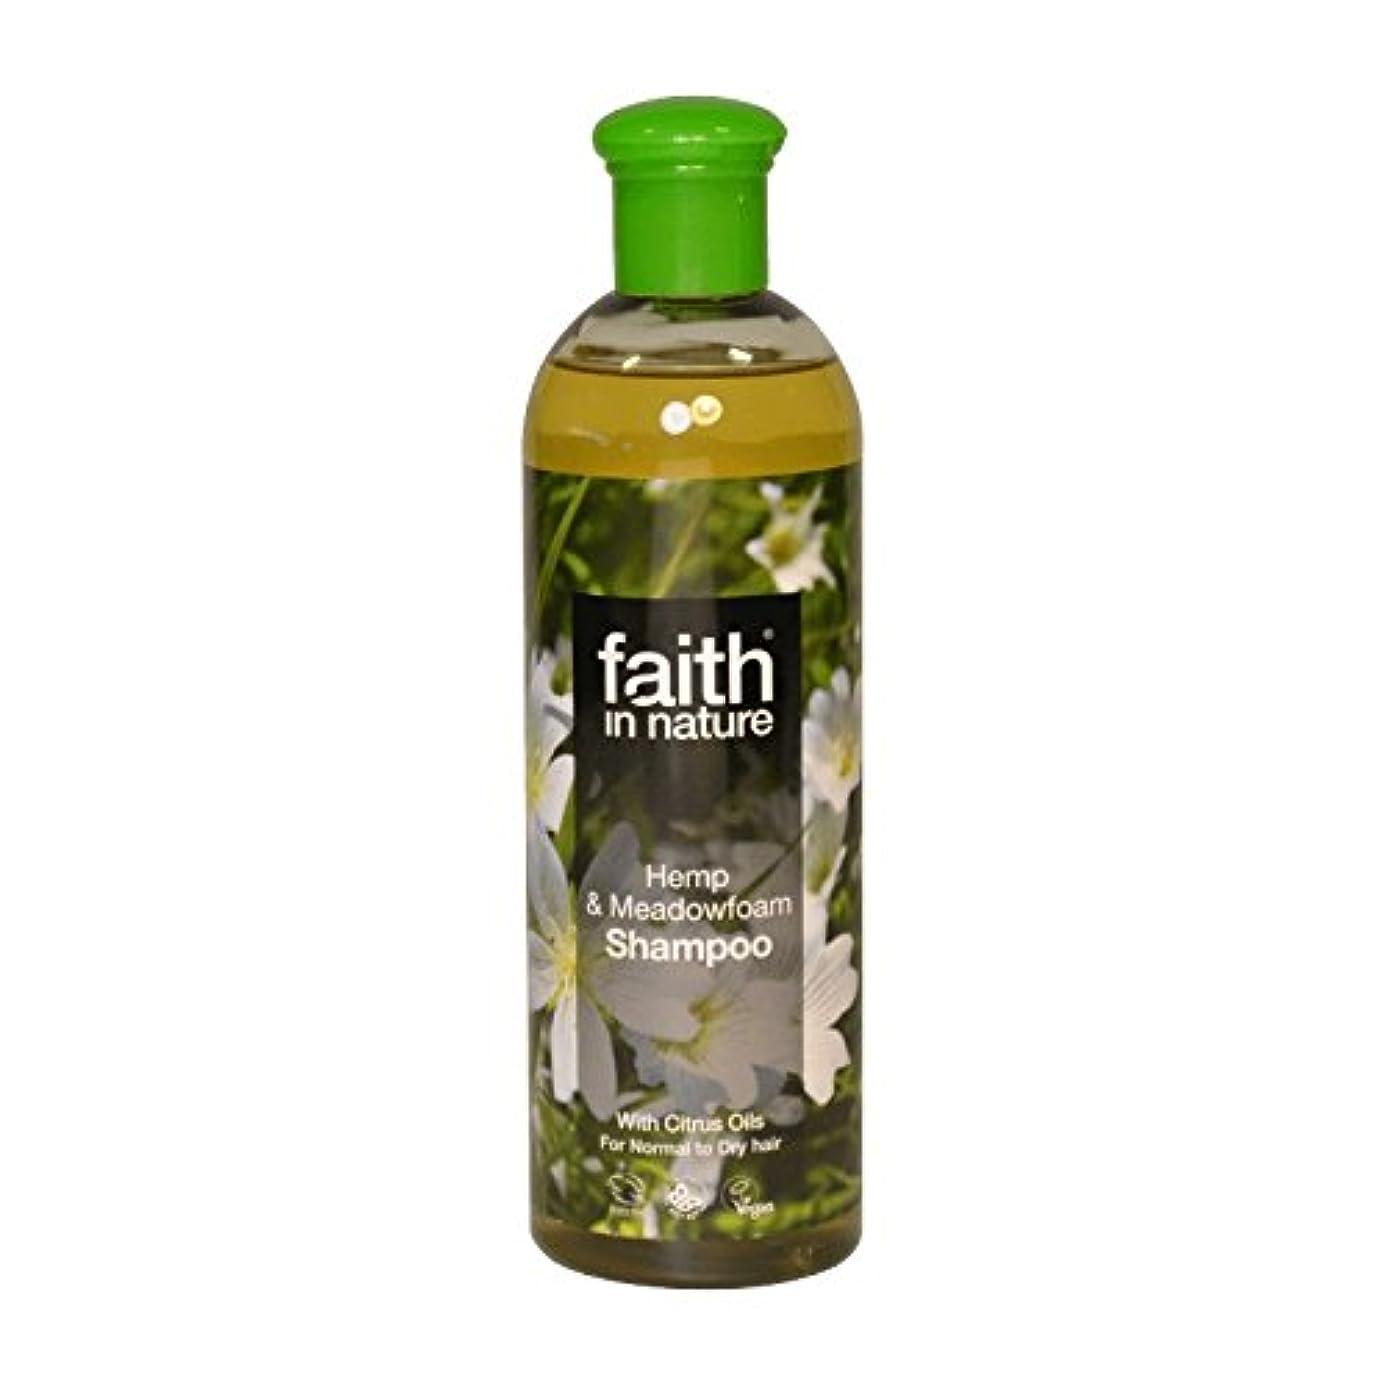 系統的苛性活性化するFaith in Nature Hemp & Meadowfoam Shampoo 400ml (Pack of 2) - 自然の麻&メドウフォームシャンプー400ミリリットルの信仰 (x2) [並行輸入品]